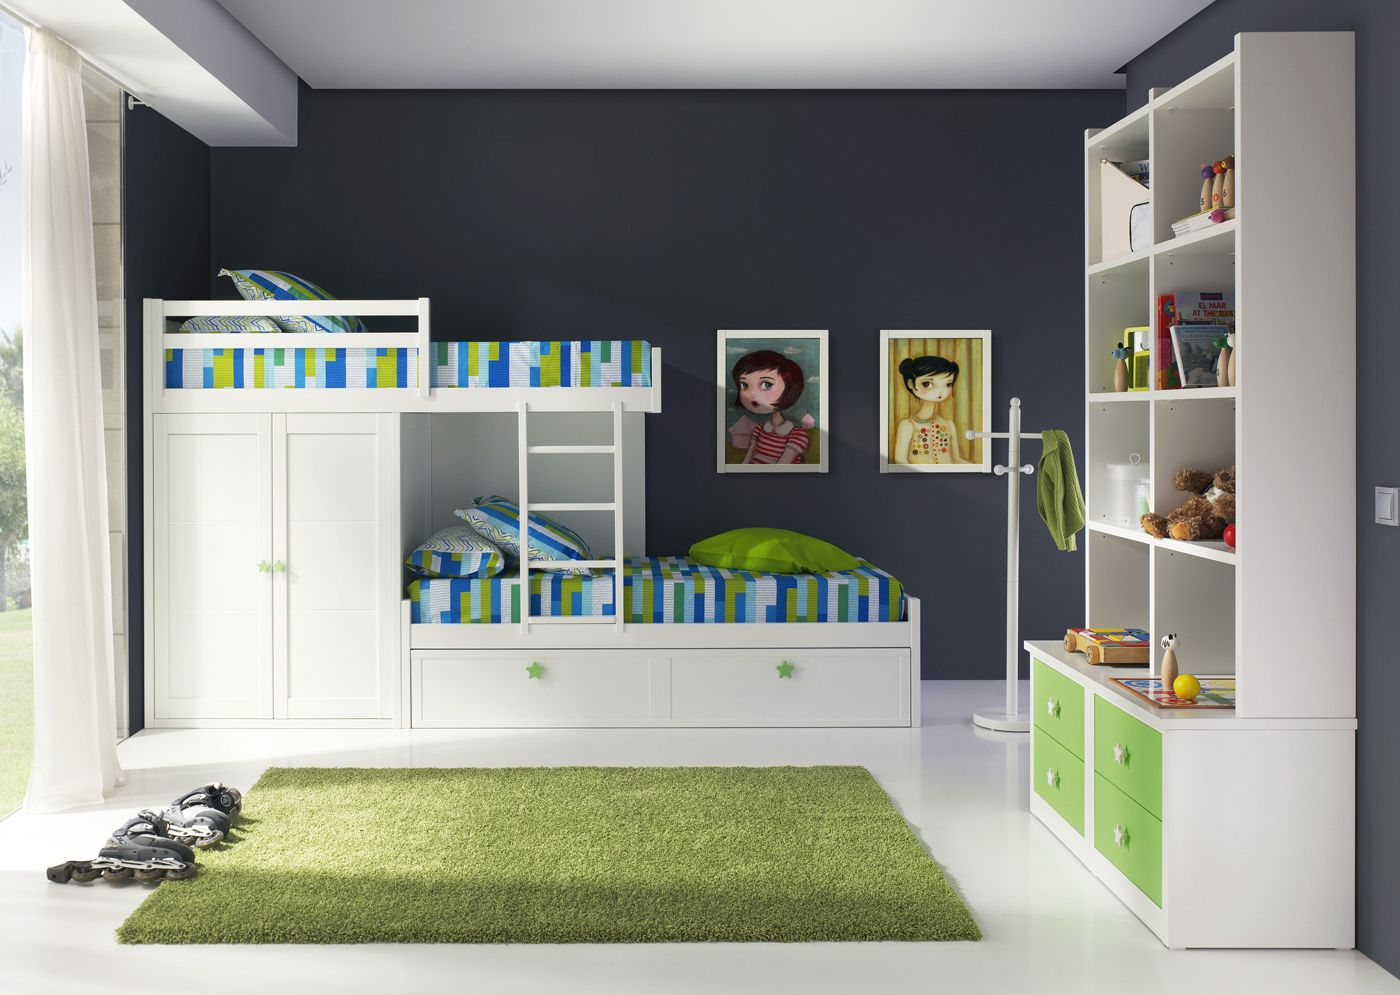 Dormitorio infantil con 3 camas litera tipo tren m s info en muebles for Habitaciones juveniles 3 camas